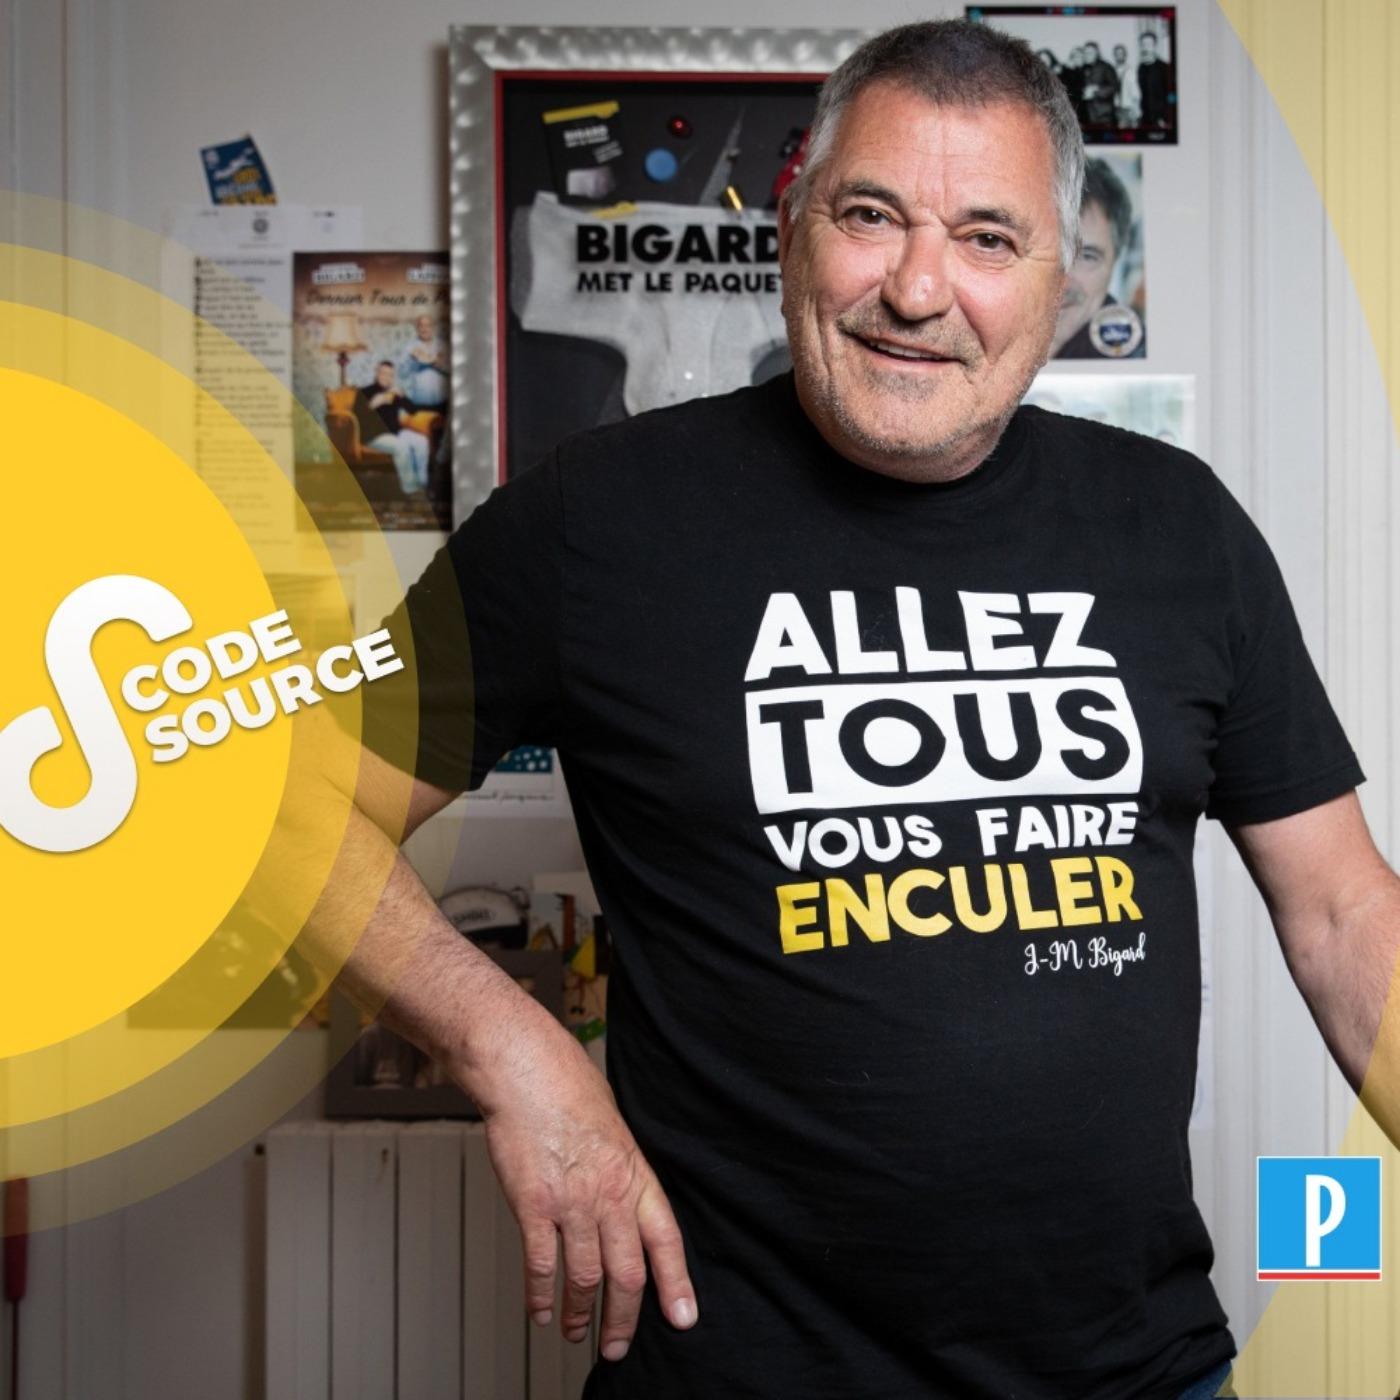 Jean-Marie Bigard candidat à la présidentielle ? Pourquoi ce n'est pas une blague